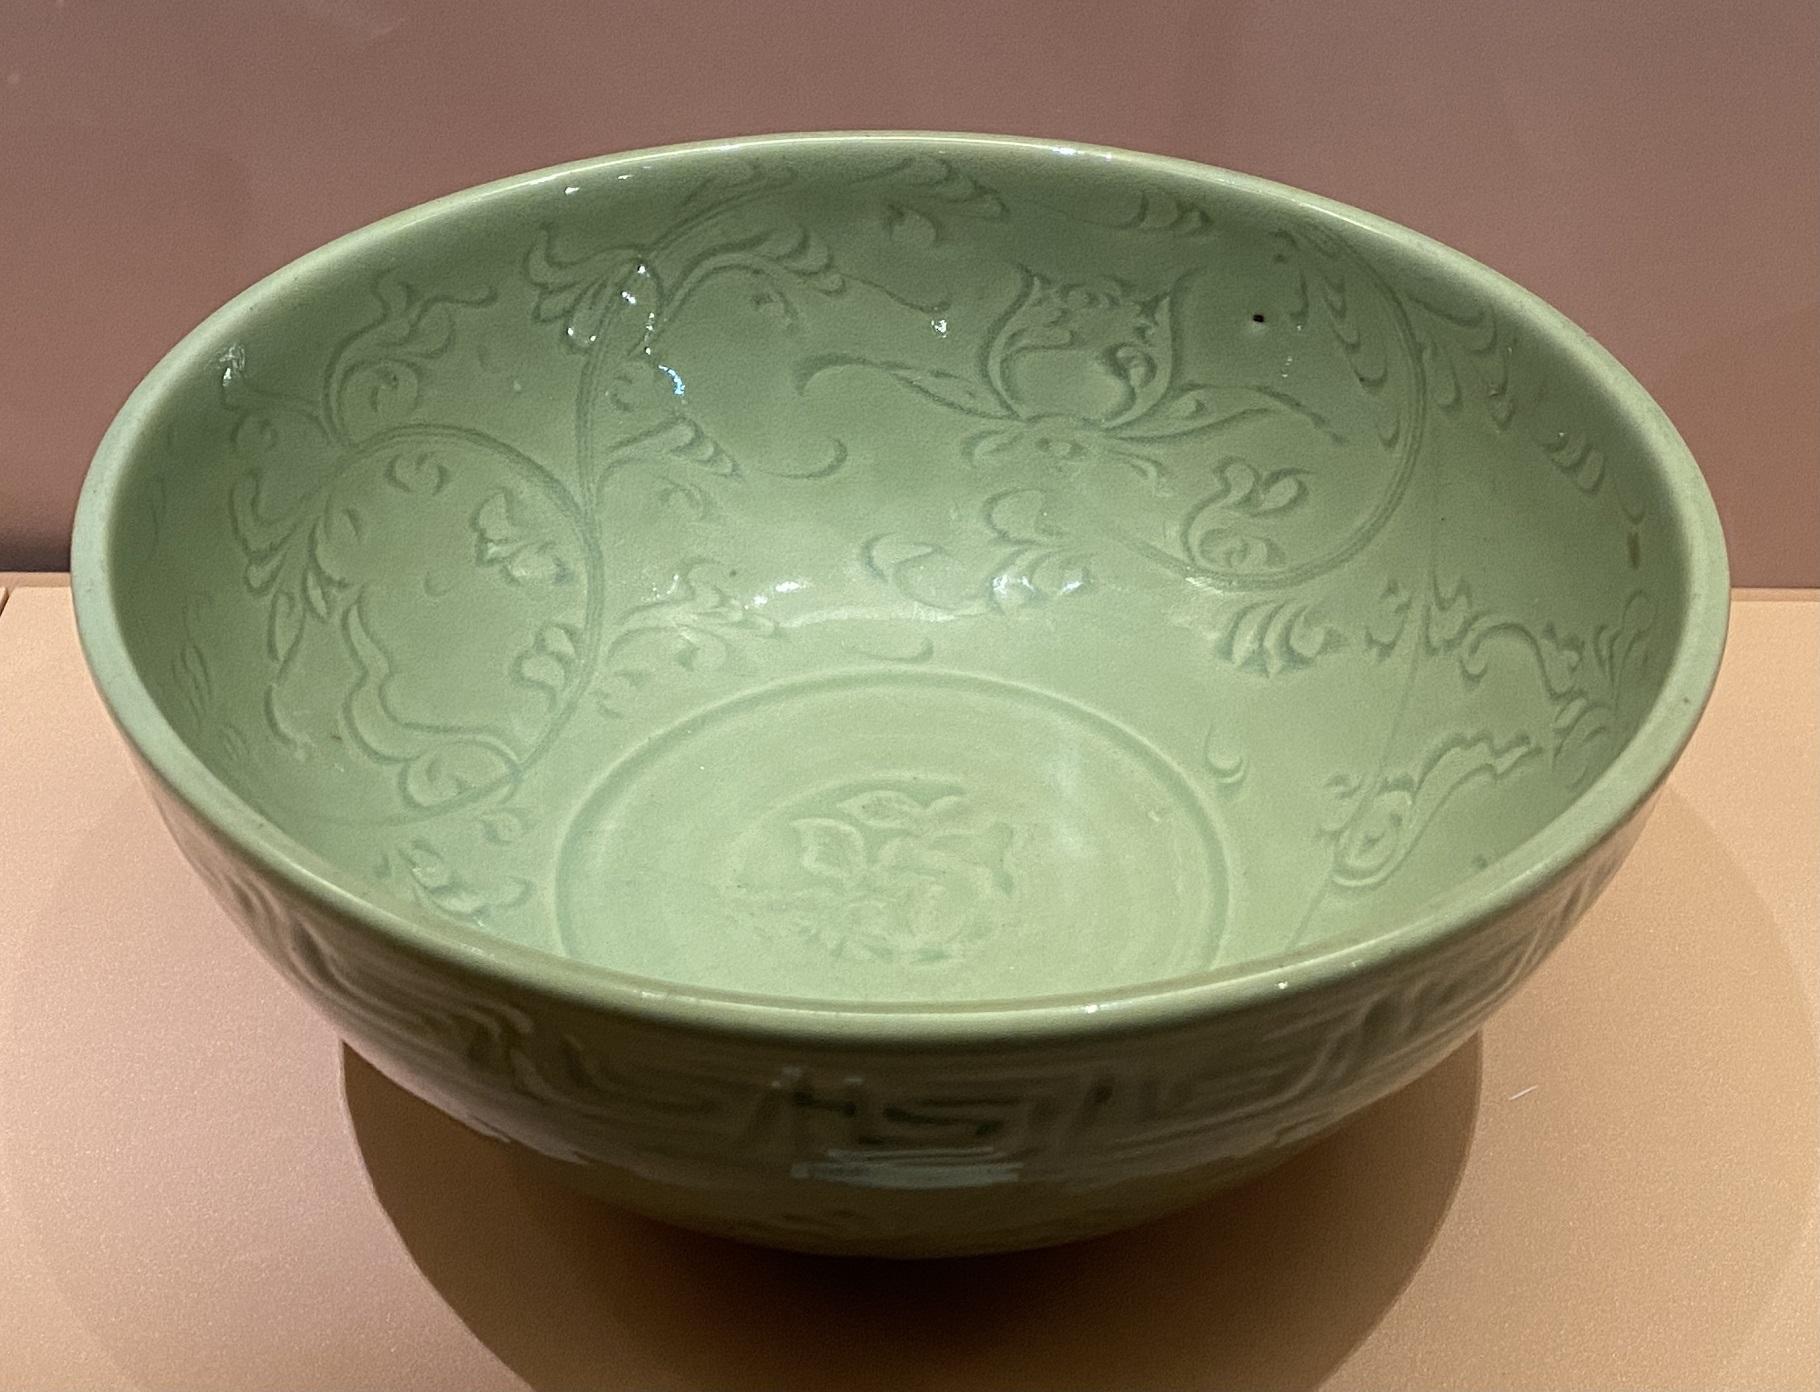 龍泉窯青釉纏枝蓮碗-明時代-特別展【食味人間】四川博物院・中国国家博物館